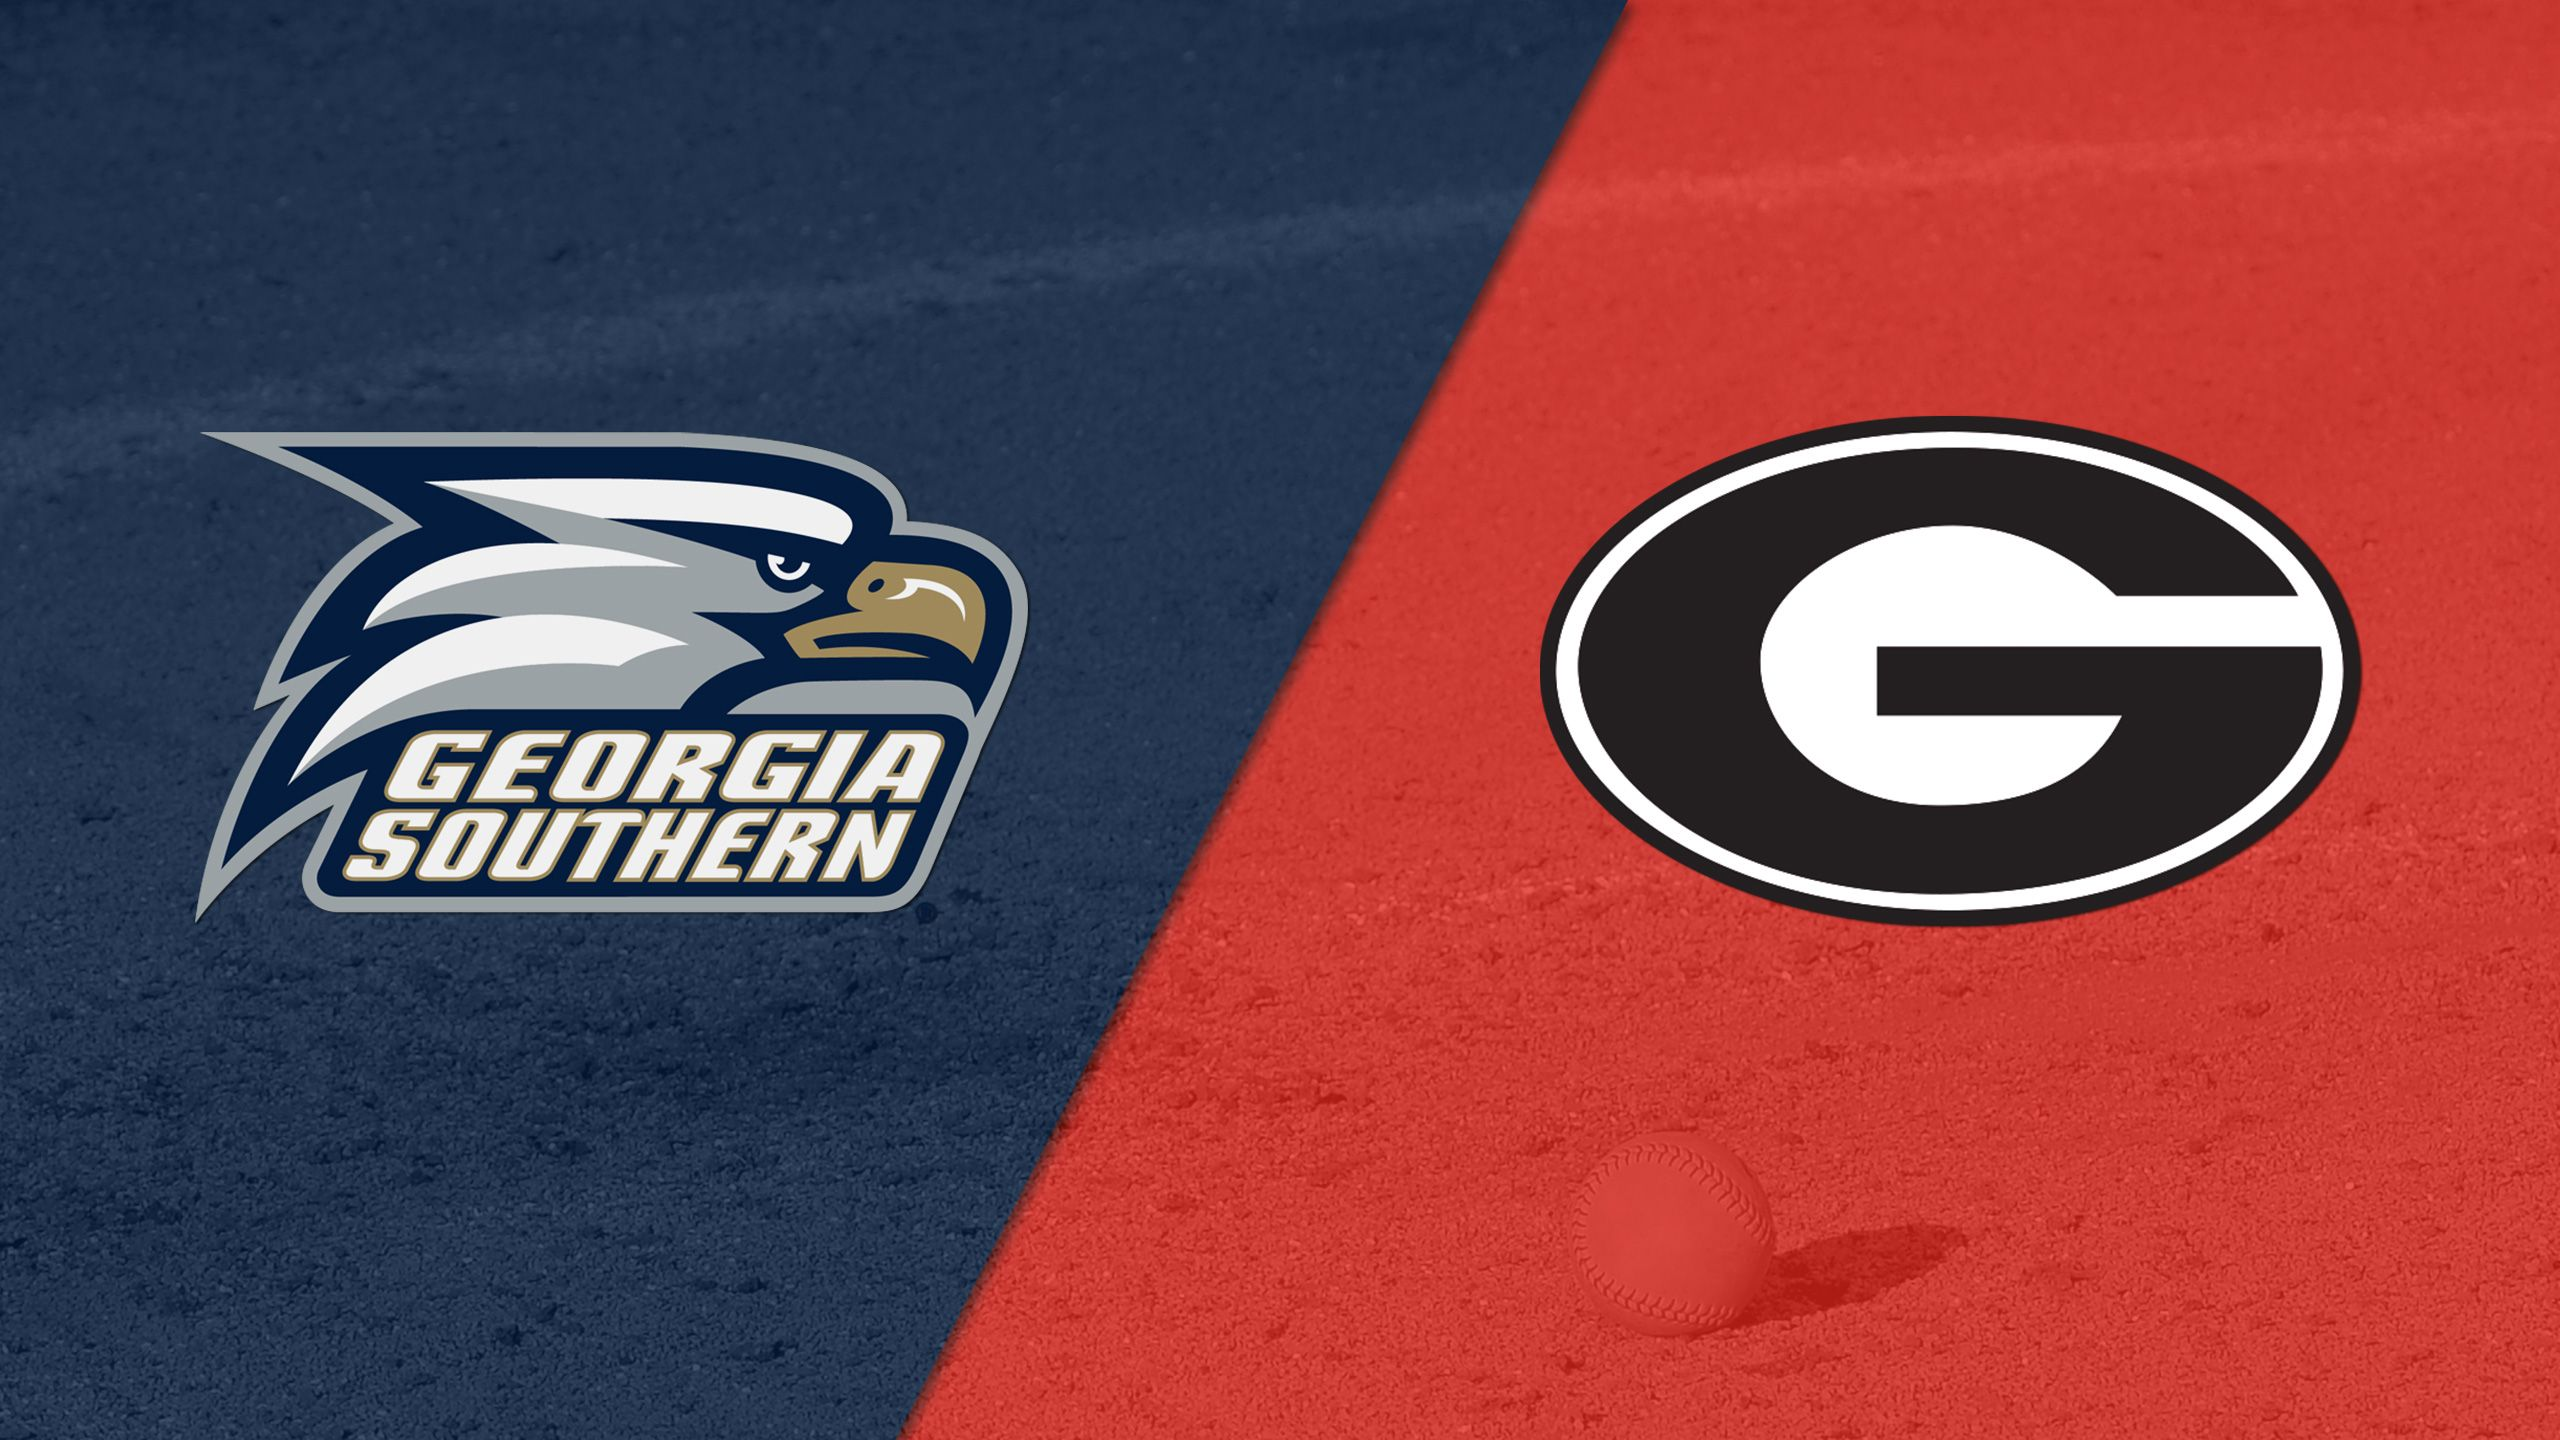 Georgia Southern vs. #16 Georgia (Softball)